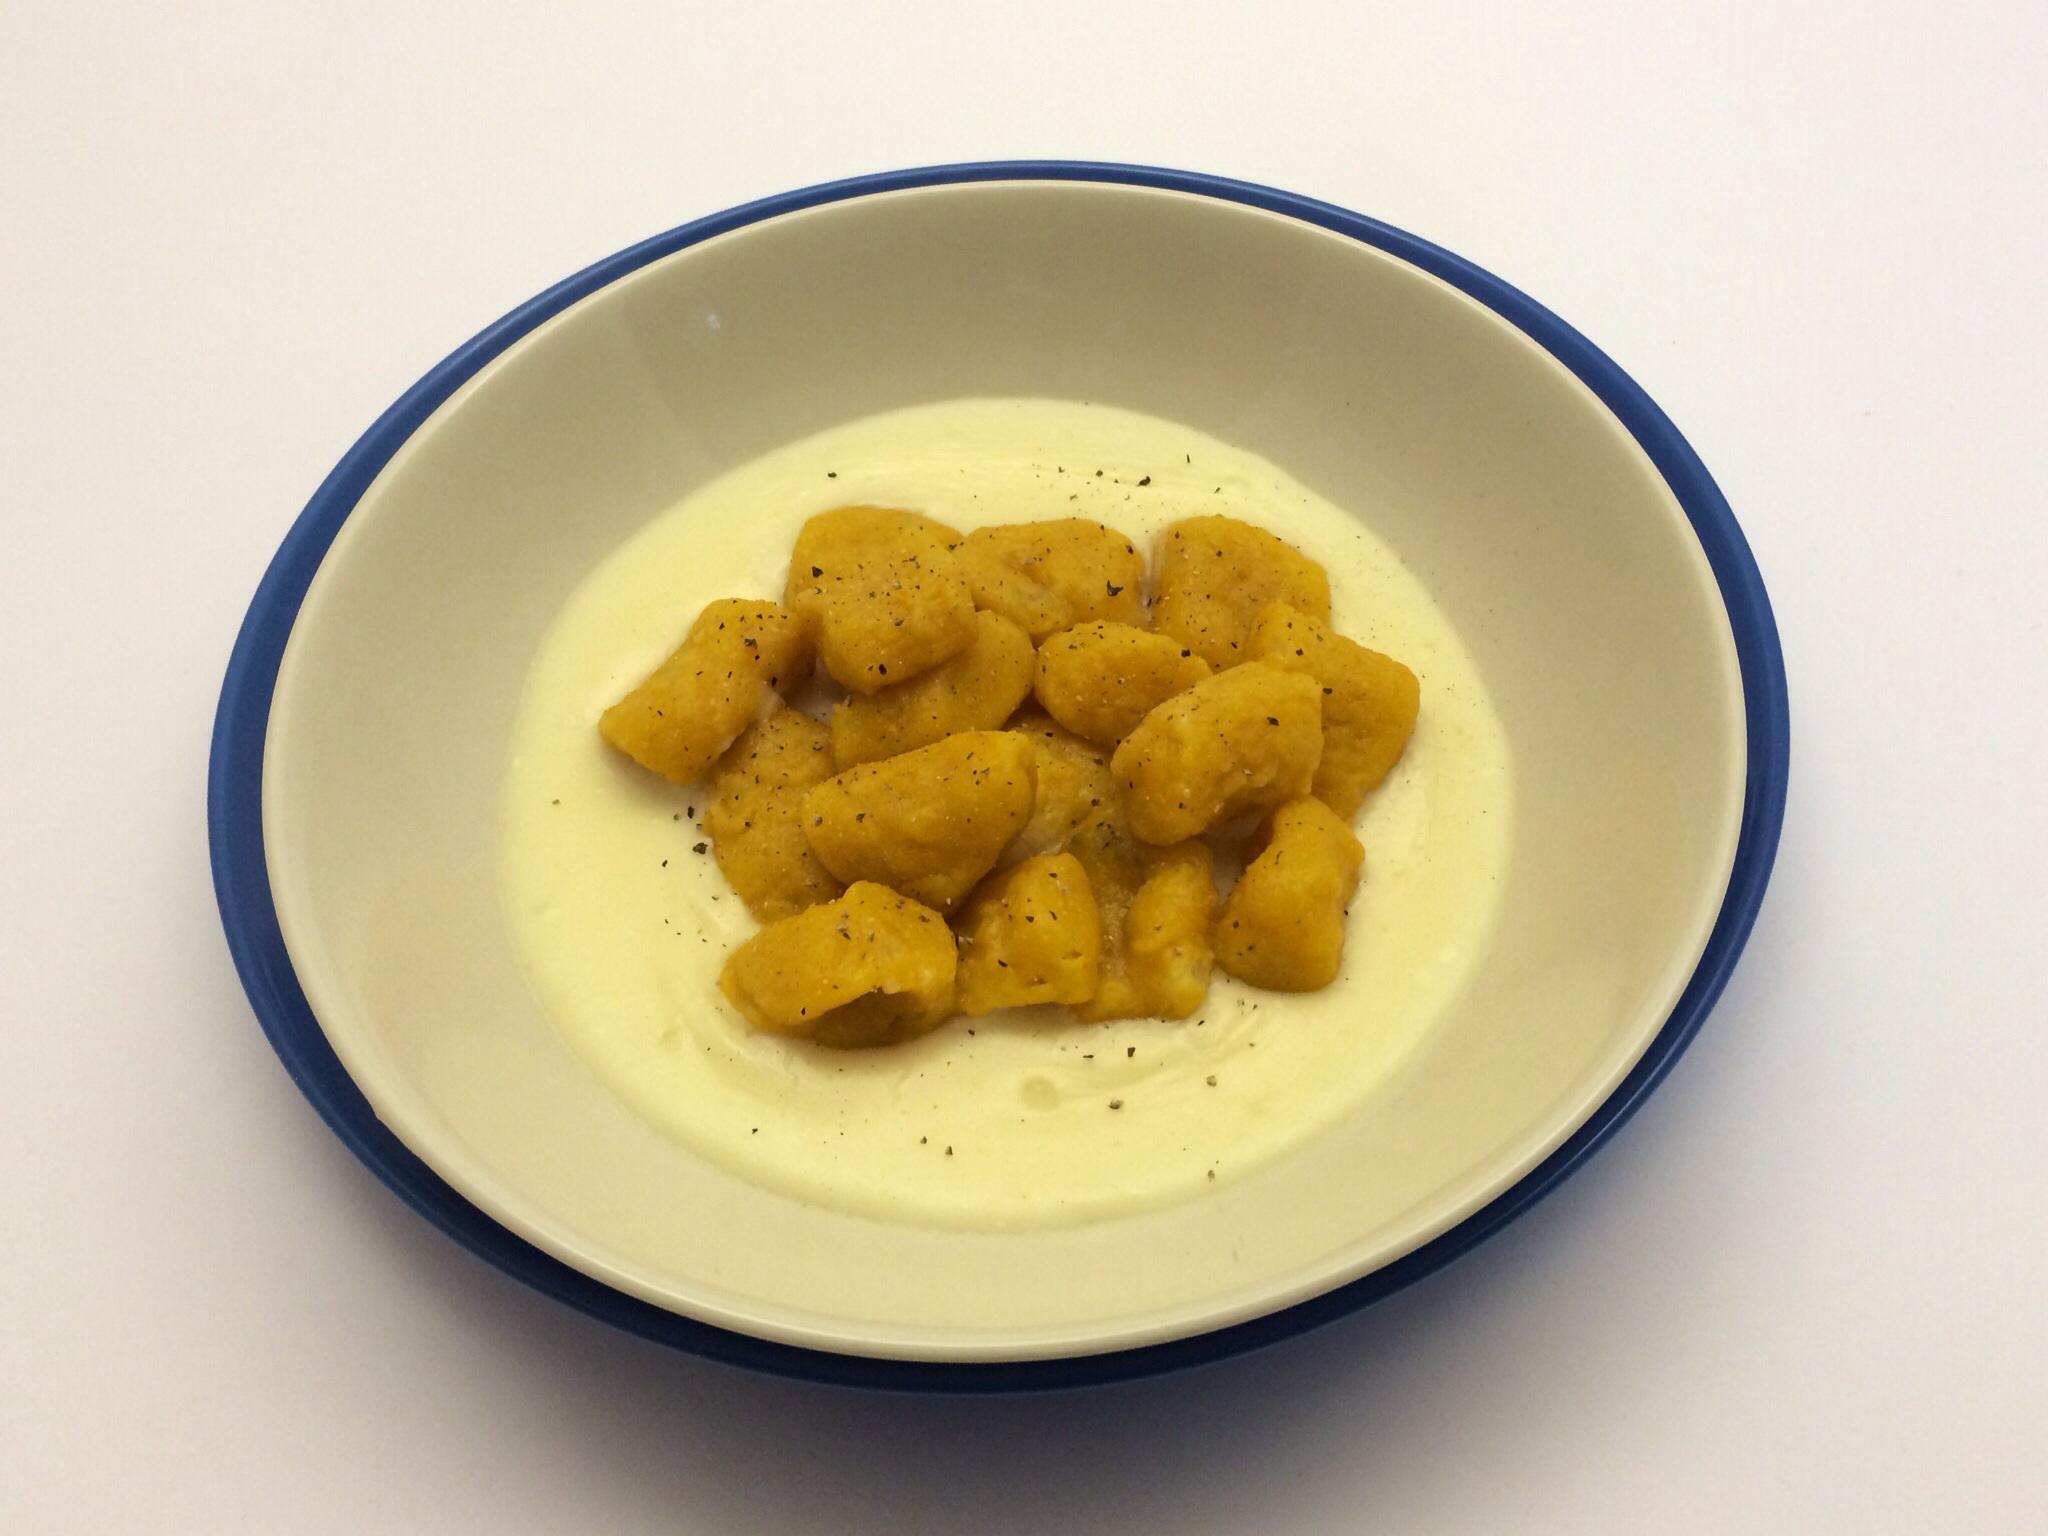 Ricetta Gnocchi Di Zucca Per Celiaci.Gnocchi Di Zucca E Patate Senza Glutine Su Letto Di Fonduta Stellasenzaglutine Com